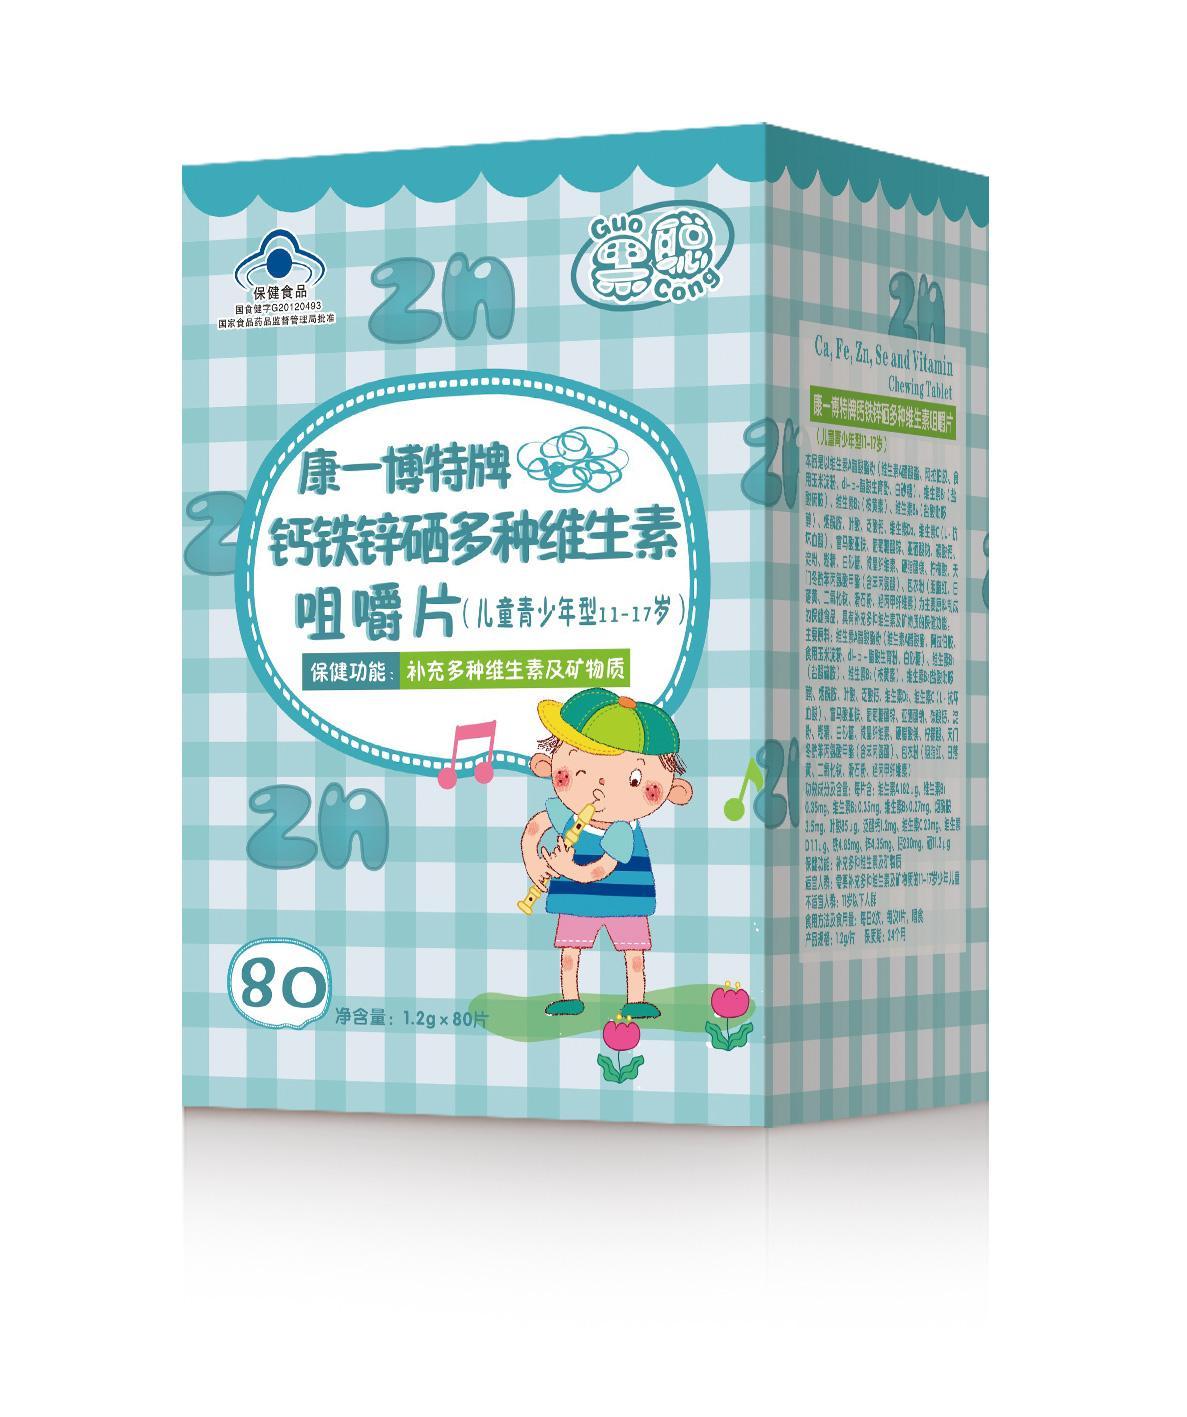 康一博特牌钙铁锌硒多种维生素咀嚼片(儿童青少年型11-17岁)